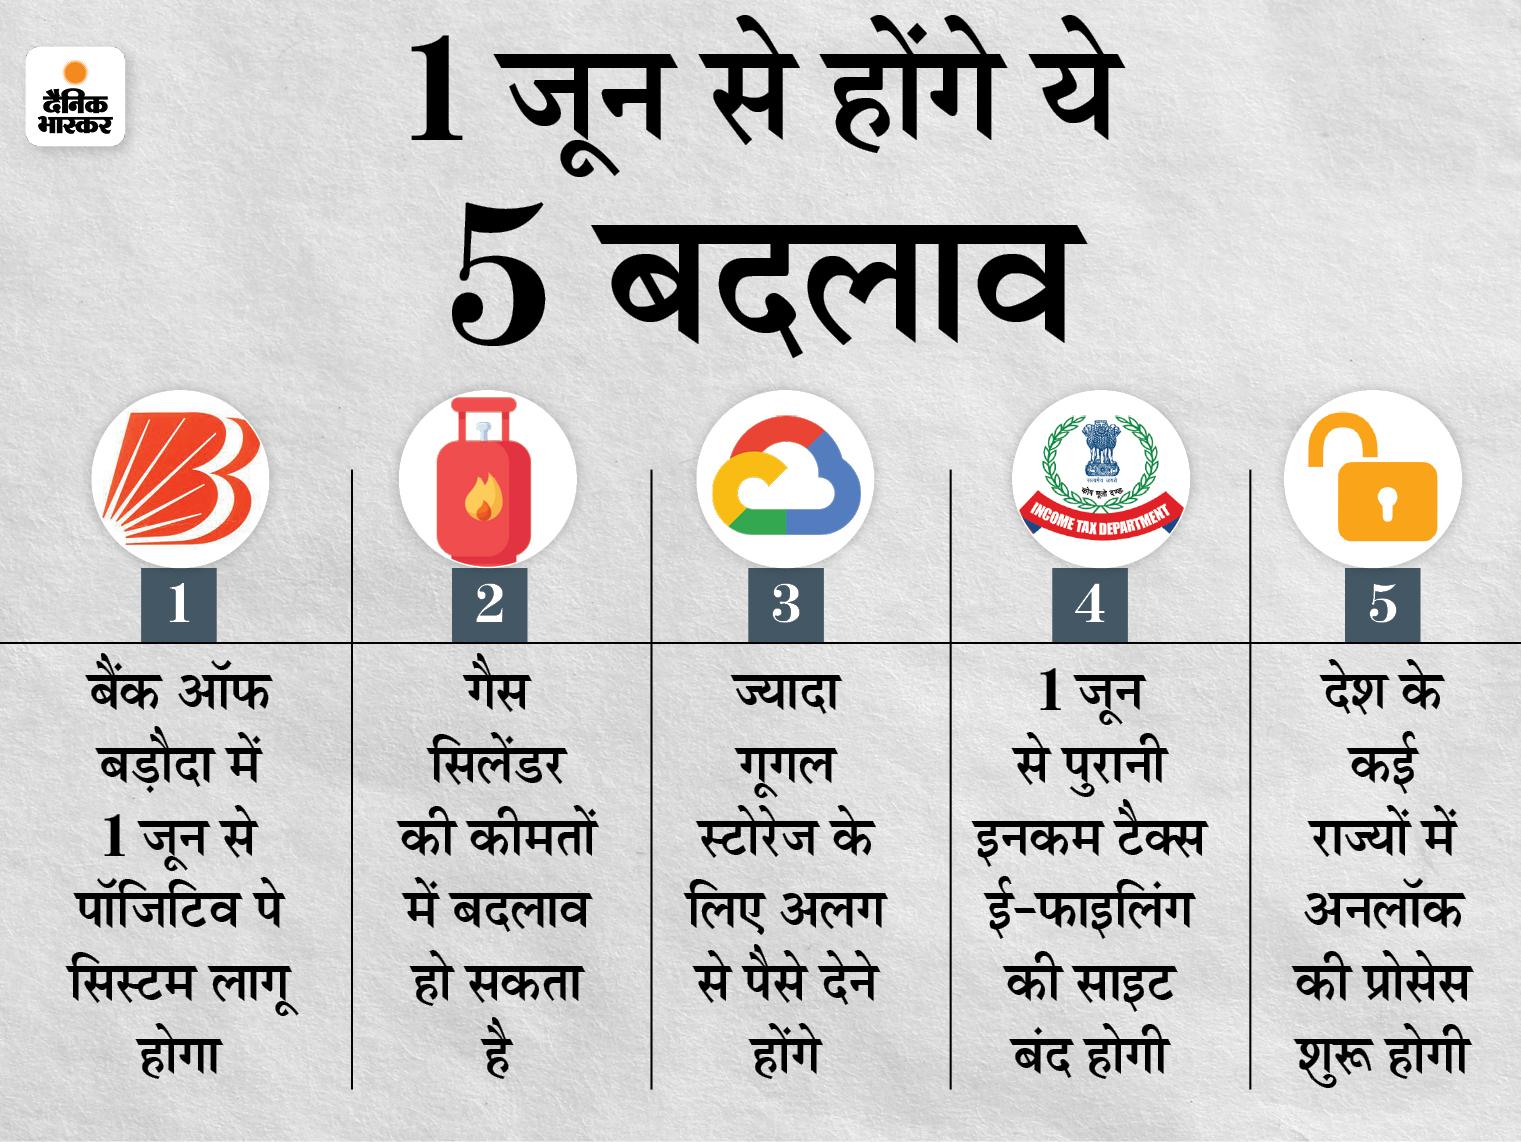 1 जून से बैंकिंग और इनकम टैक्स ई-फाइलिंग सहित होंगे ये 5 बड़े बदलाव, इसका आप पर भी होगा सीधा असर बिजनेस,Business - Dainik Bhaskar